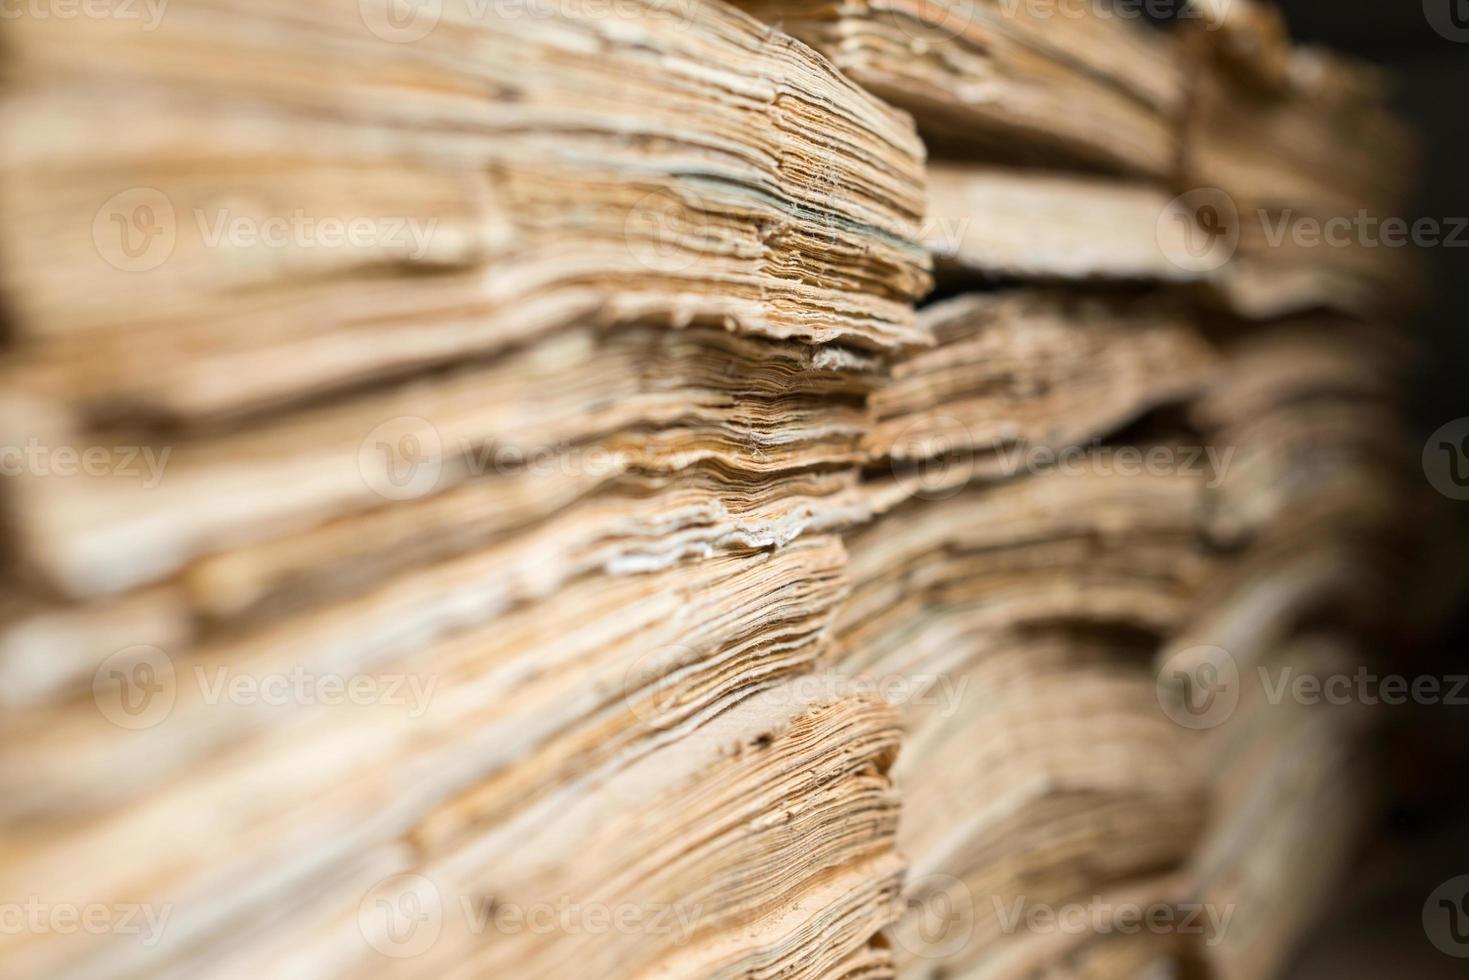 oude papieren documenten in het archief foto